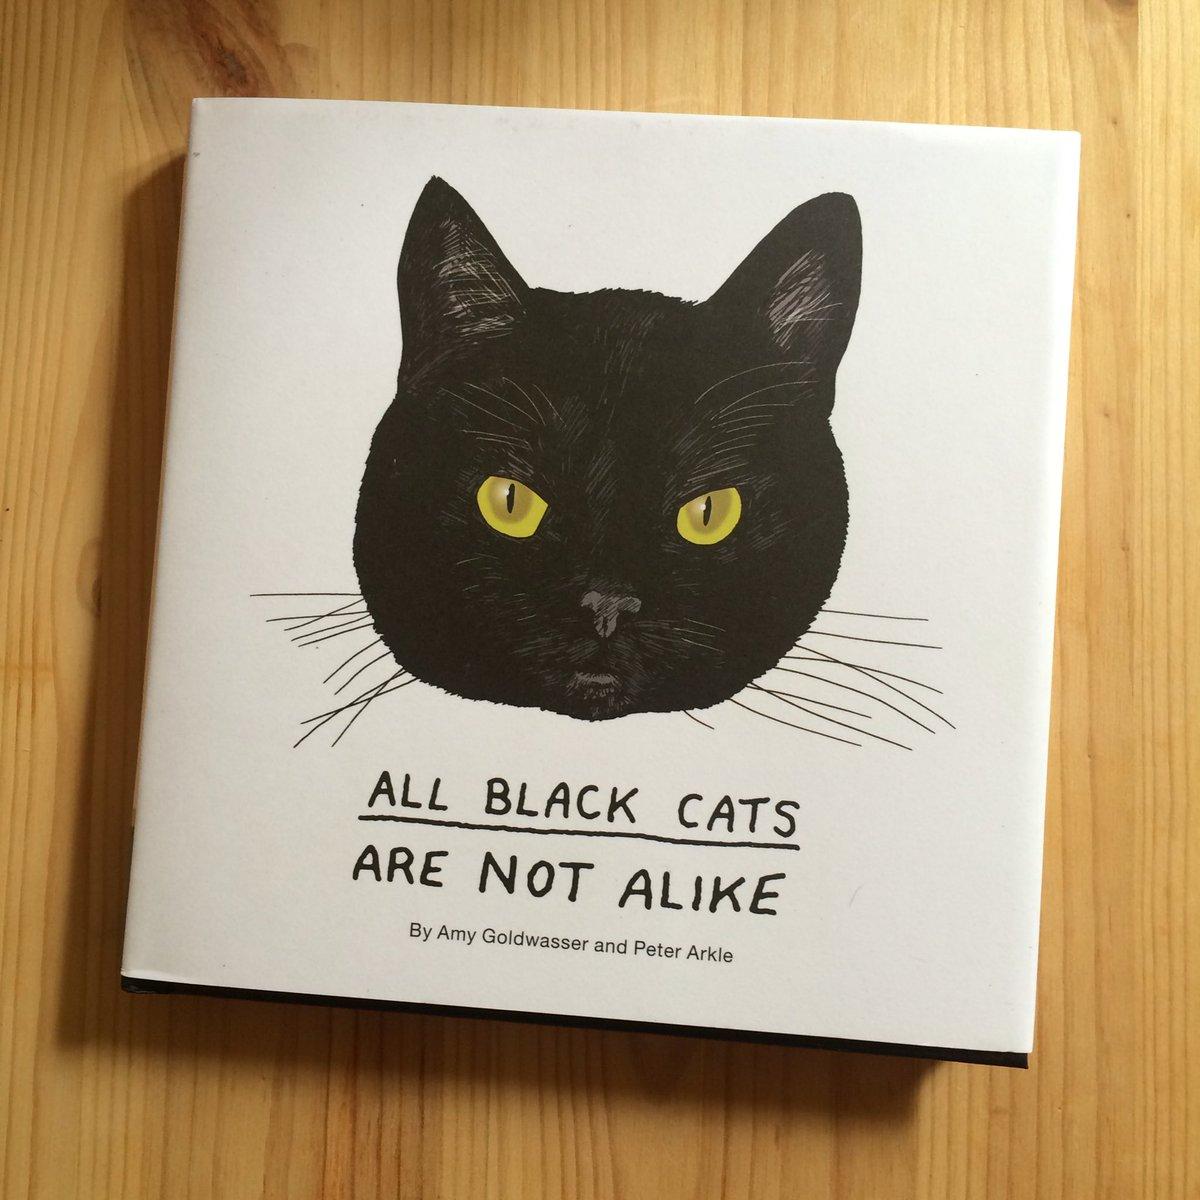 All Black Cats Are Not Alike というすてきなタイトルの本。カバー裏には登場猫がみんないるのね。 https://t.co/dIemGUtGlH